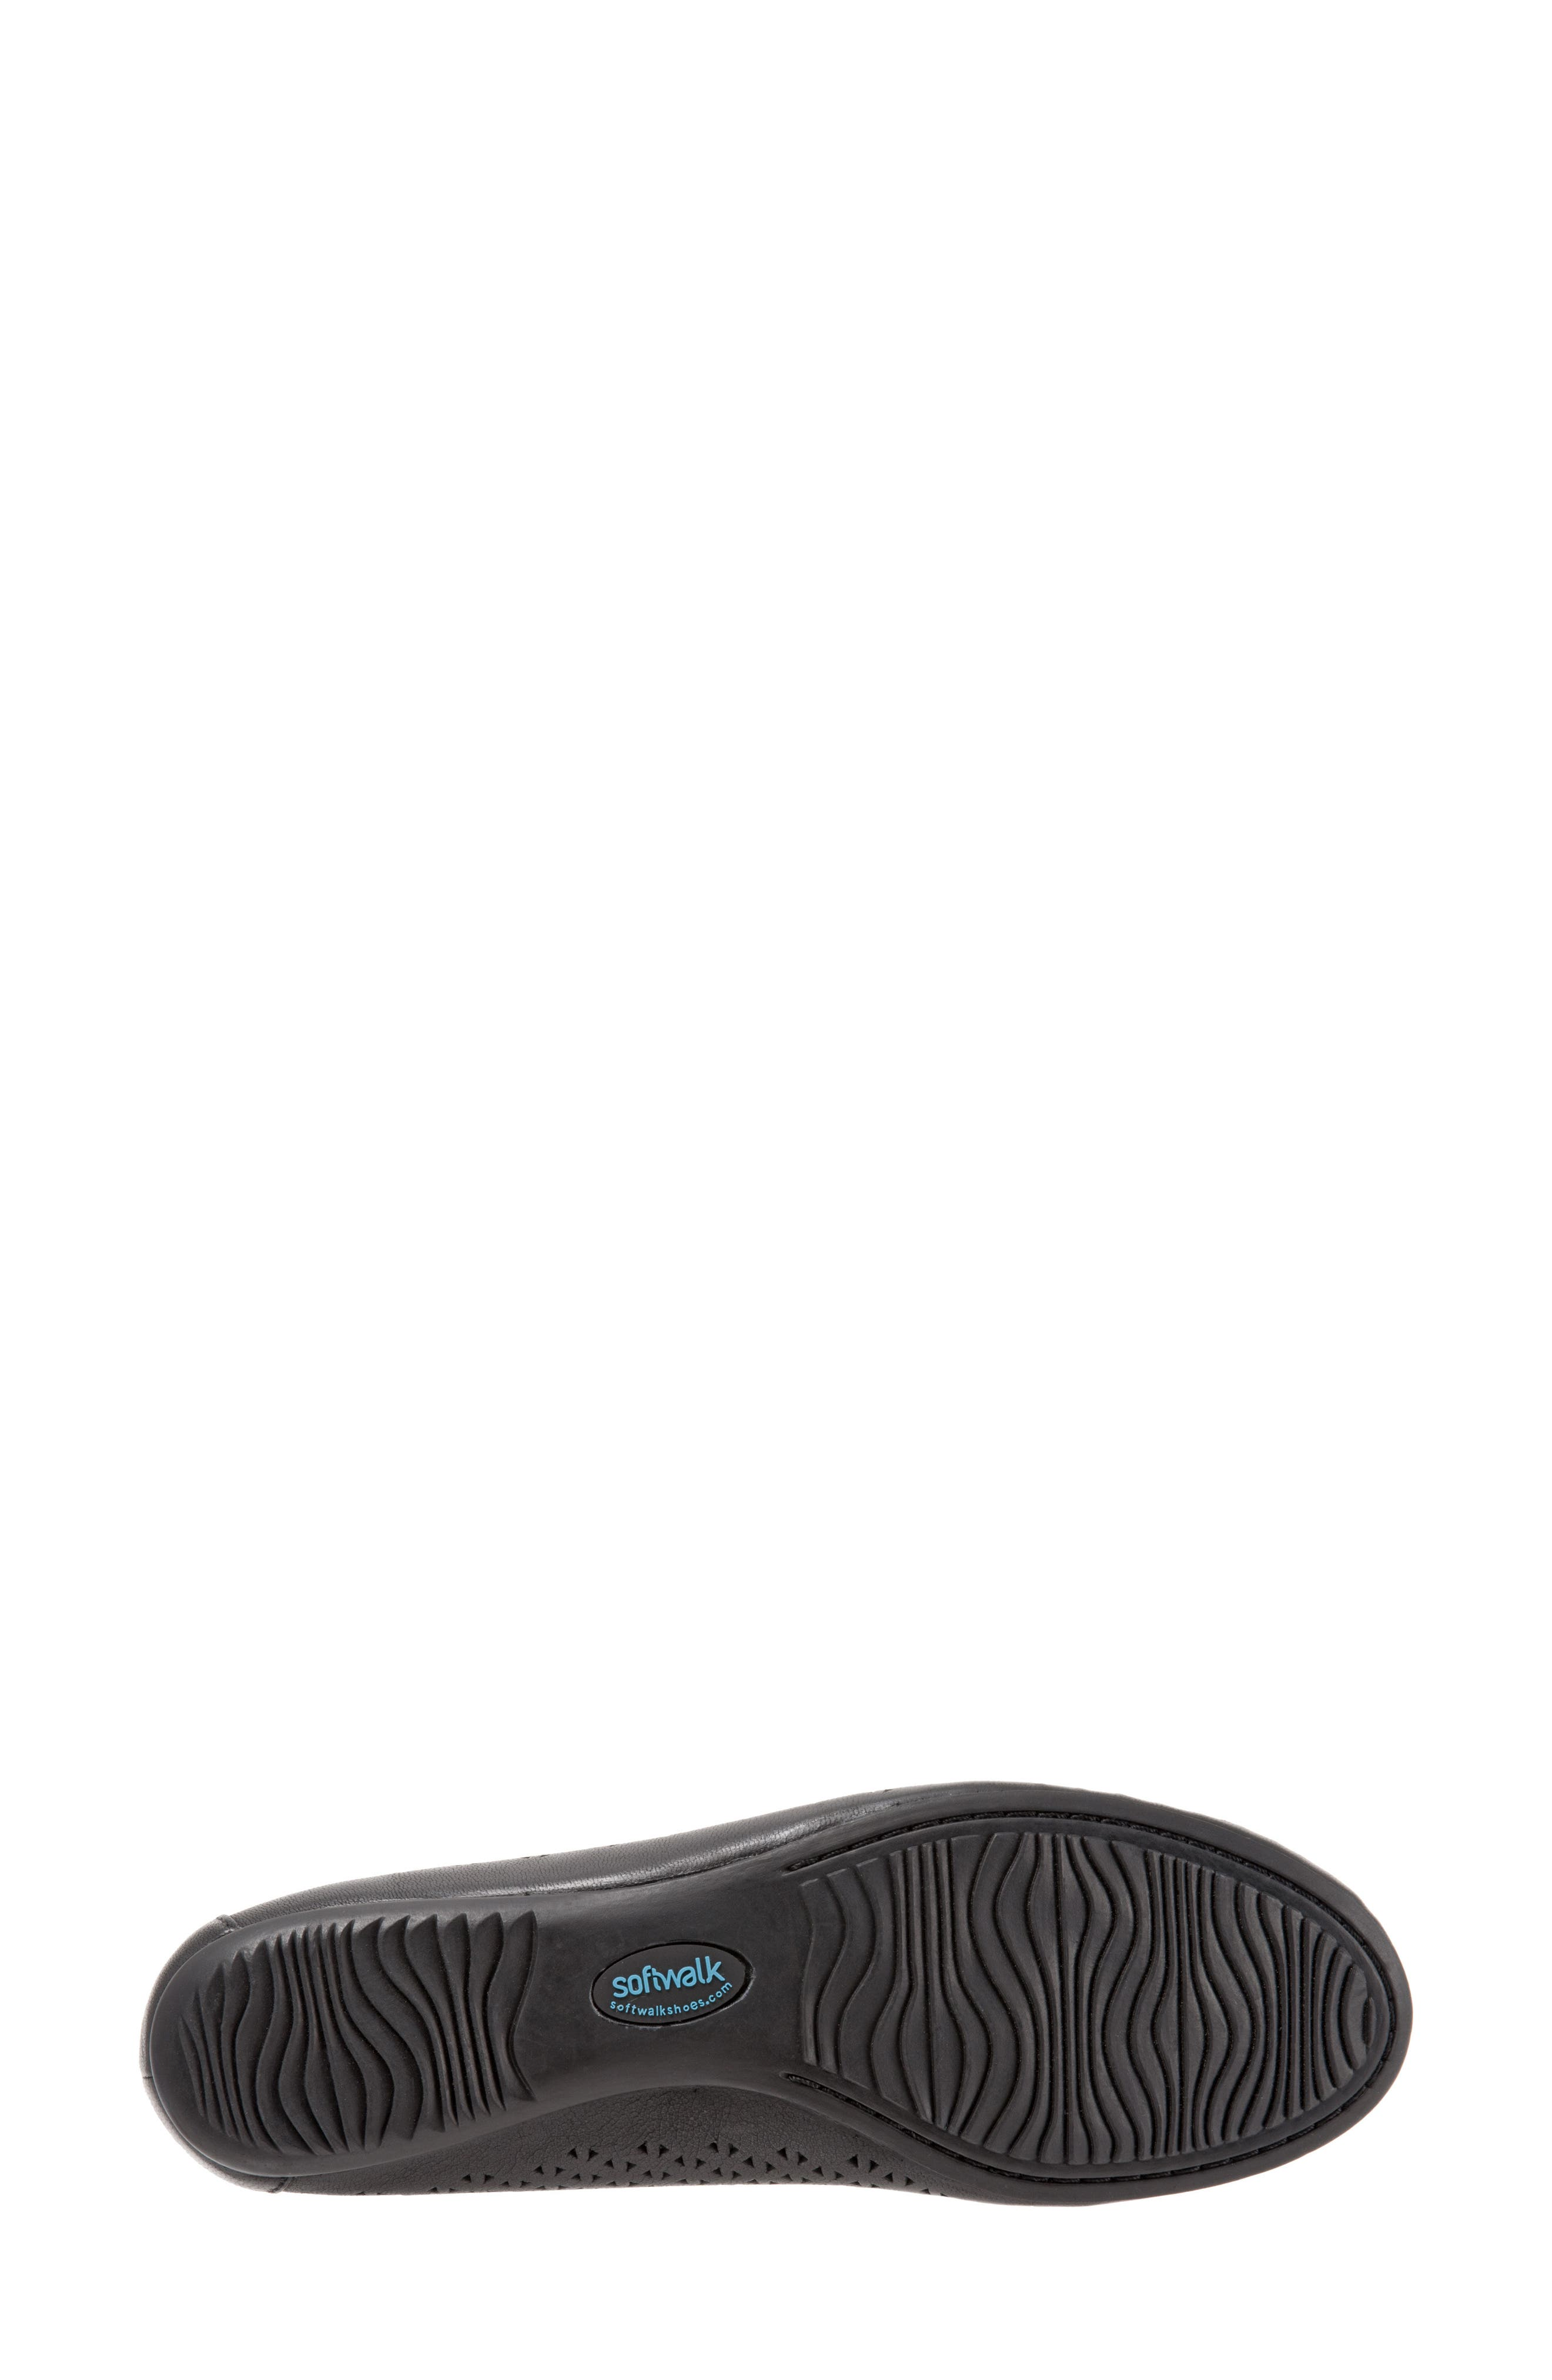 Napa Flat,                             Alternate thumbnail 8, color,                             Black Leather